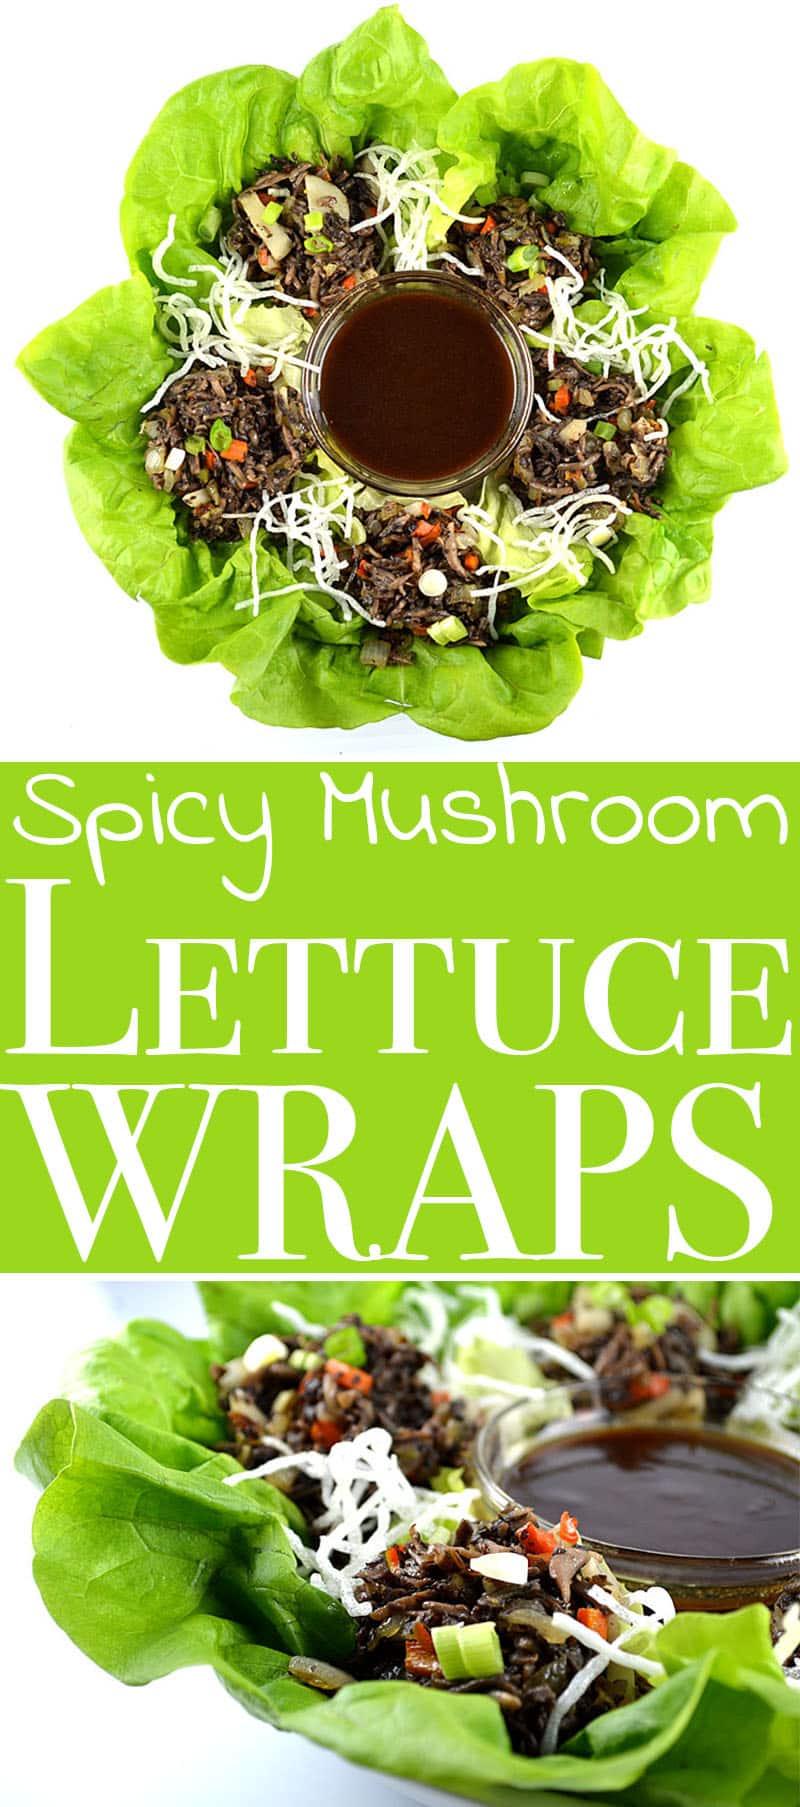 spicy-lettuce-wraps